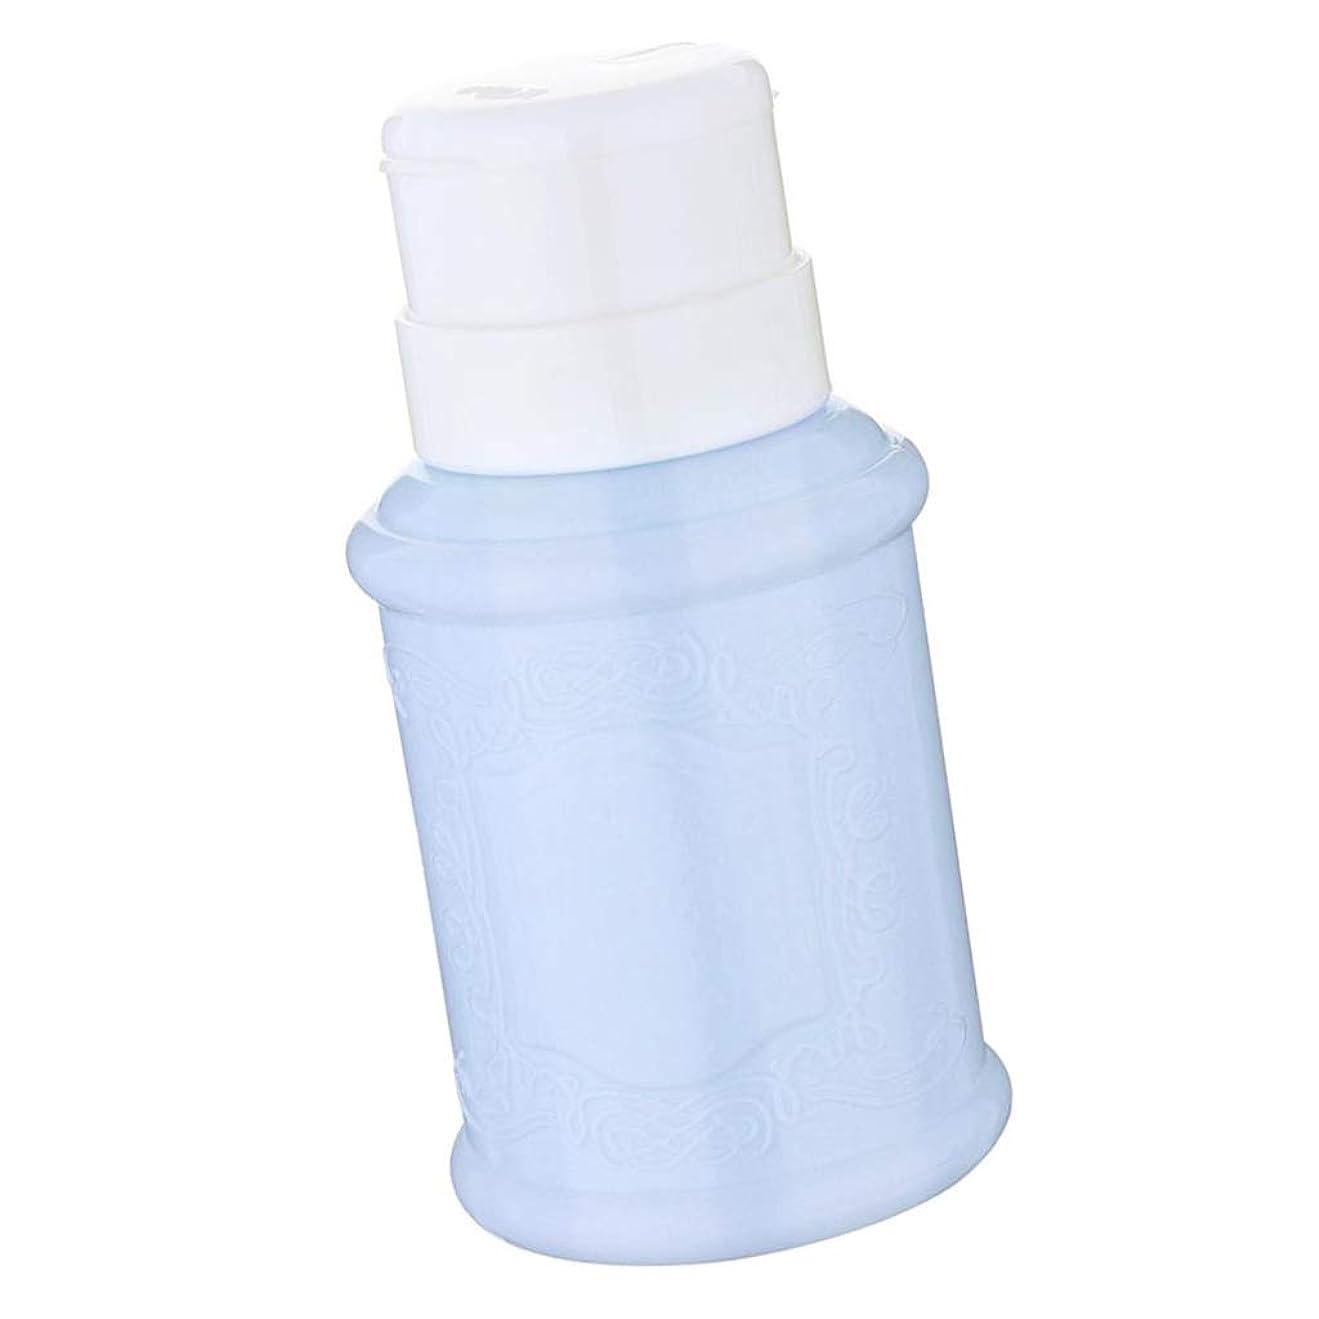 アナニバーモッキンバード覚えているCUTICATE 全3色 空ポンプ ボトル ネイルクリーナーボトル ポンプディスペンサー ジェルクリーナ - 青